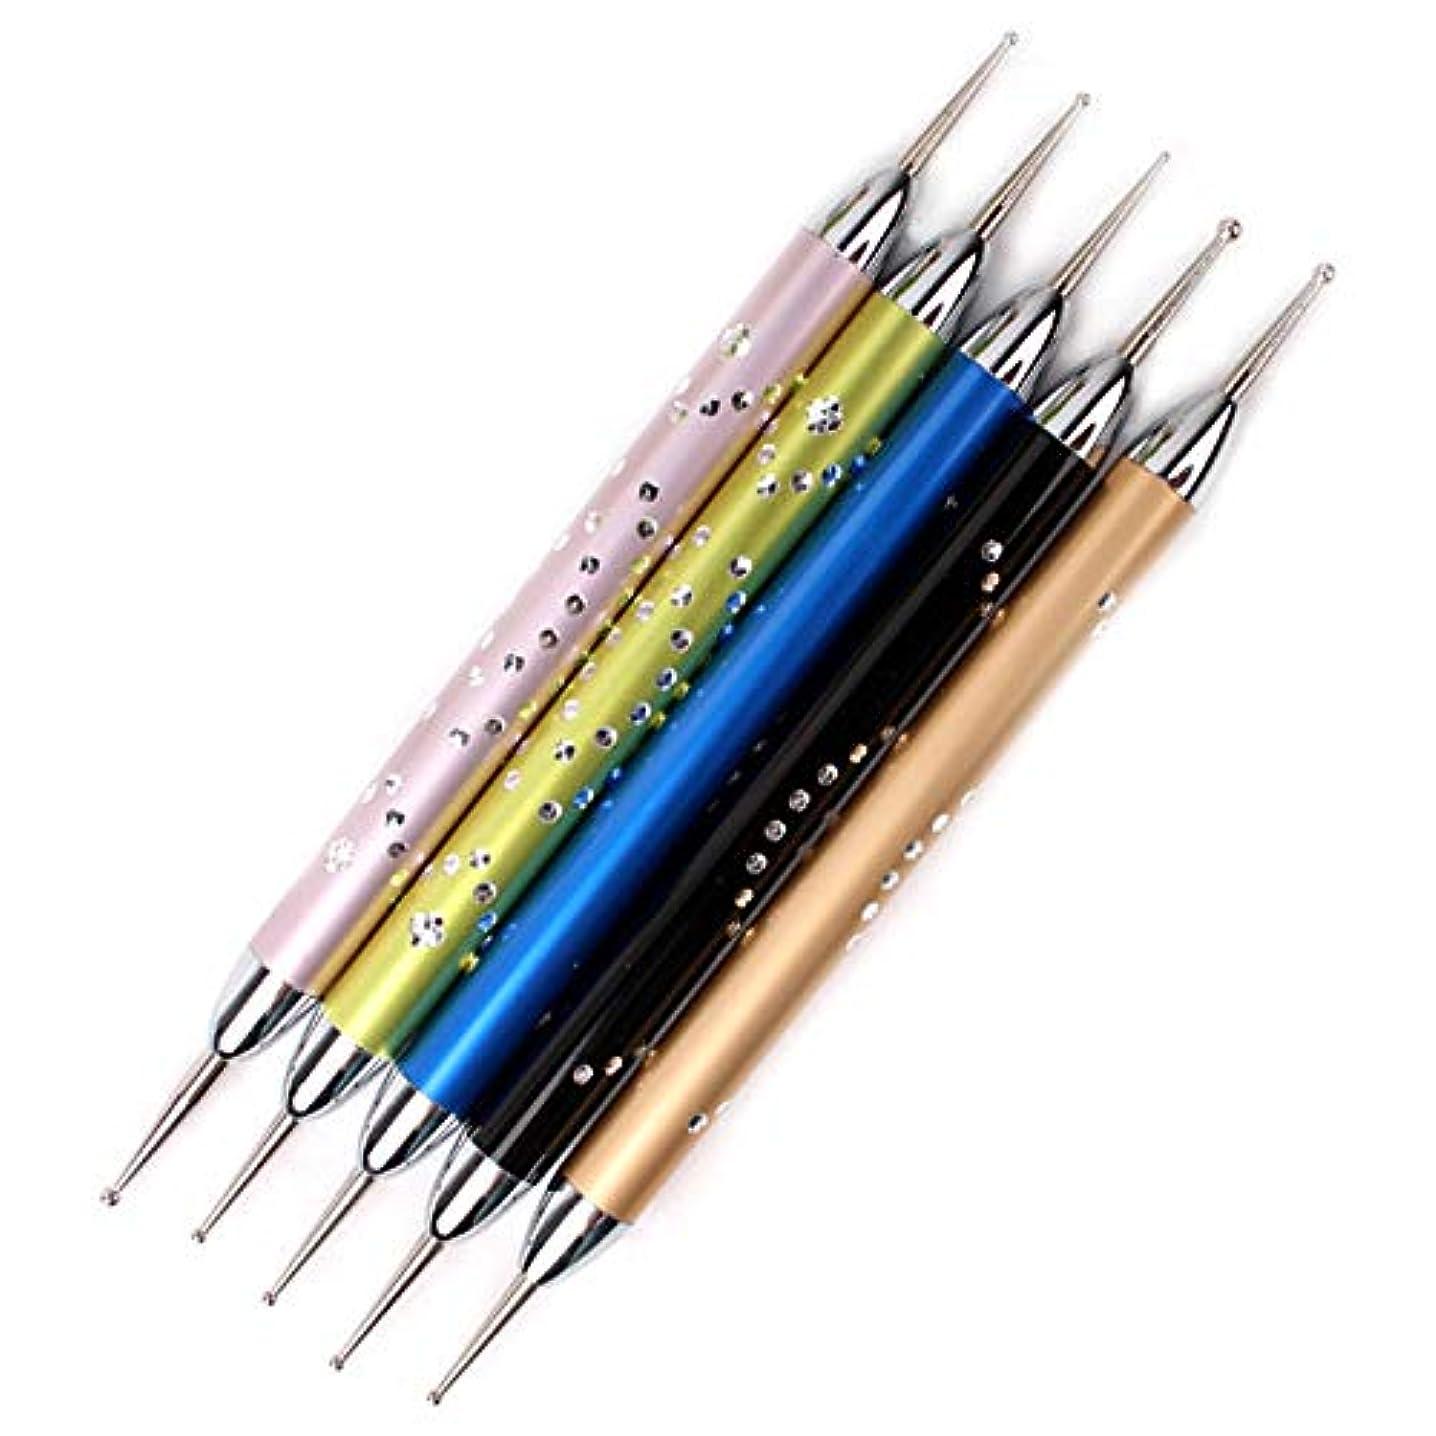 平衡バン離れたRETYLY 5個/セットダブルスパイラルドットペンネイルアートマーブル化ドットマニキュアツールポイントドリルペンネイルドットツール、 ネイルアート用